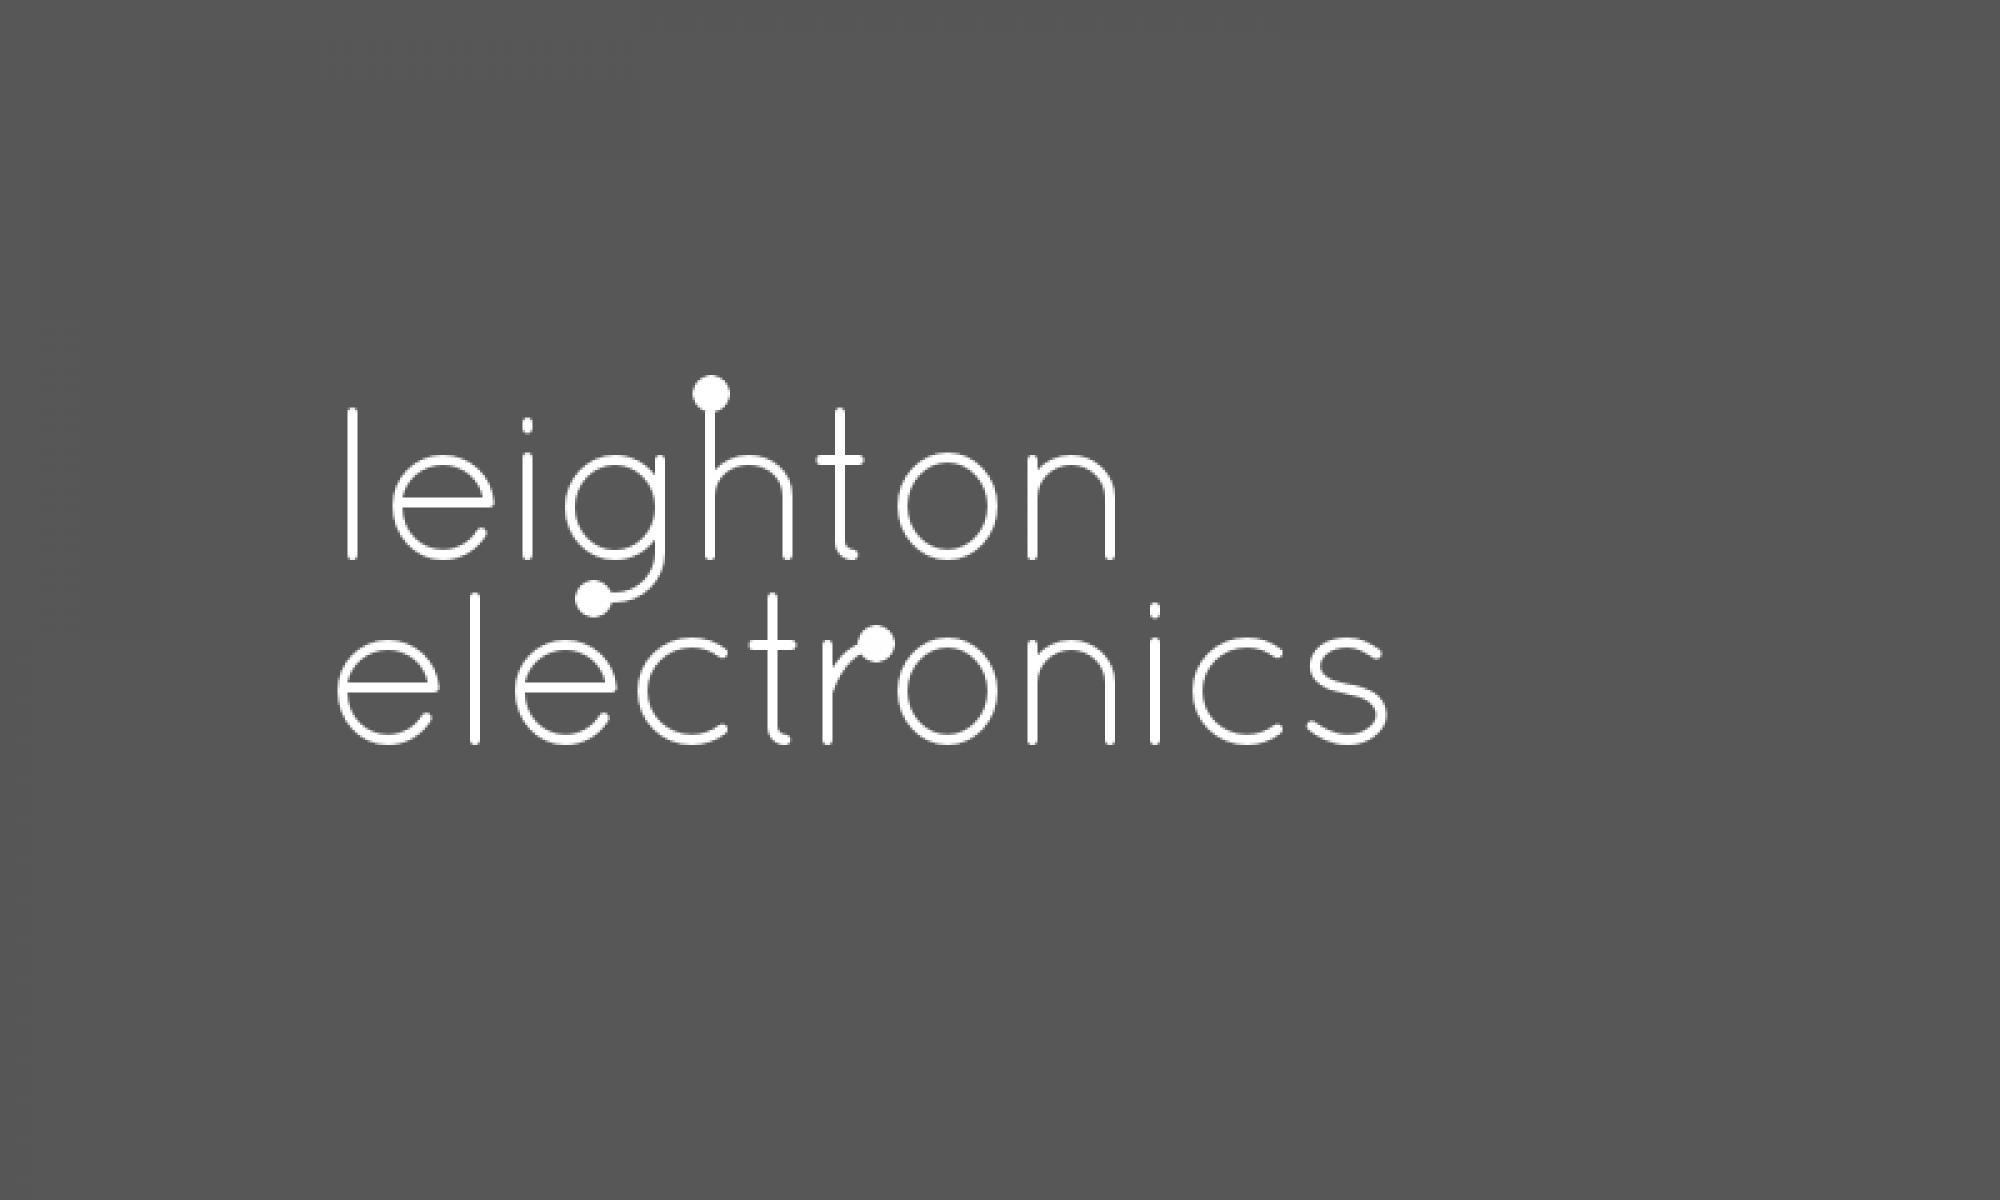 Leighton Electronics